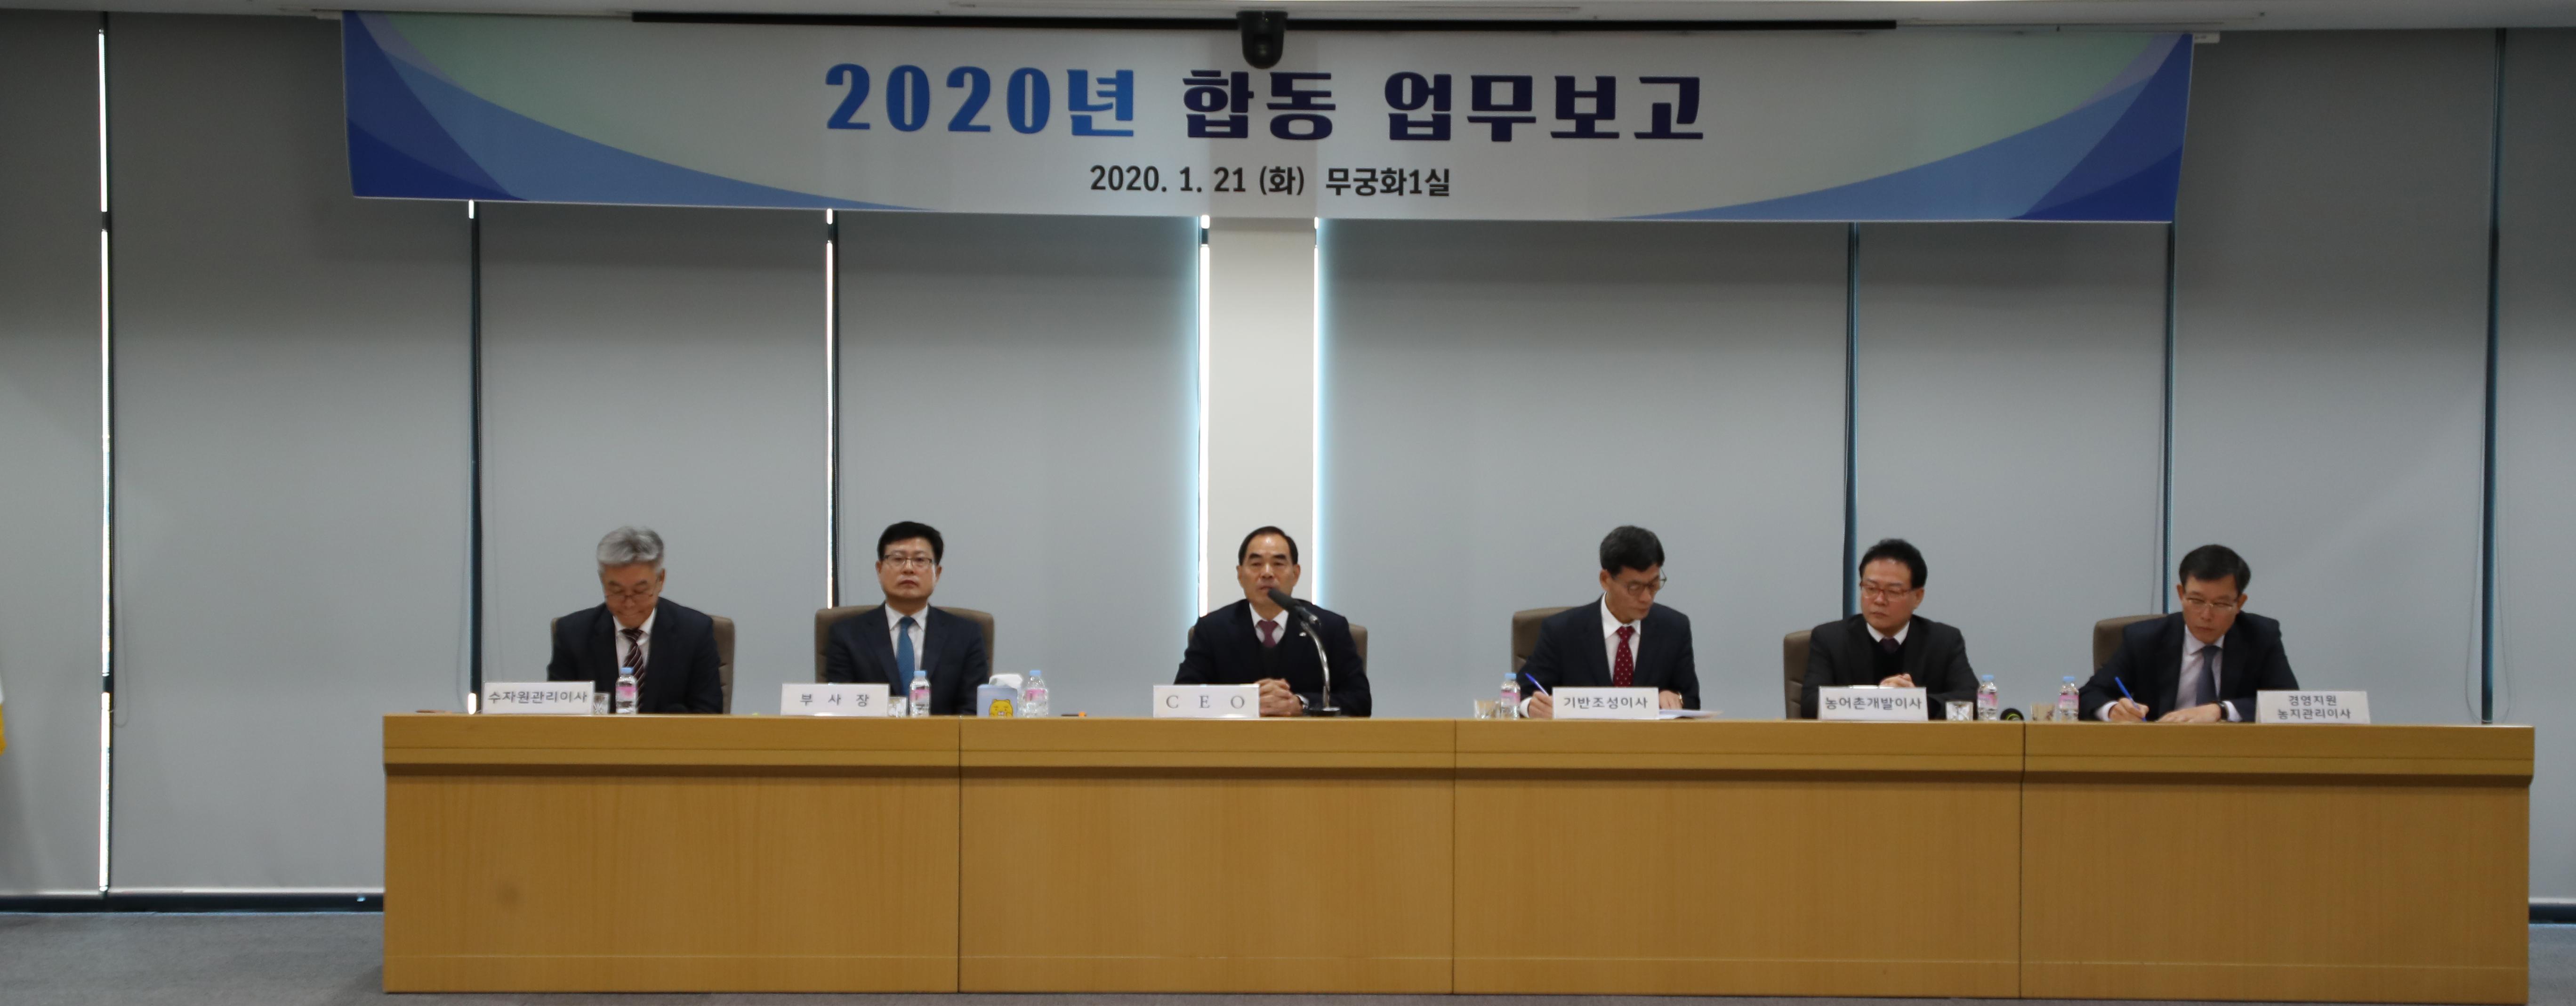 2020년 합동 업무보고 실시(지방부서) - 1